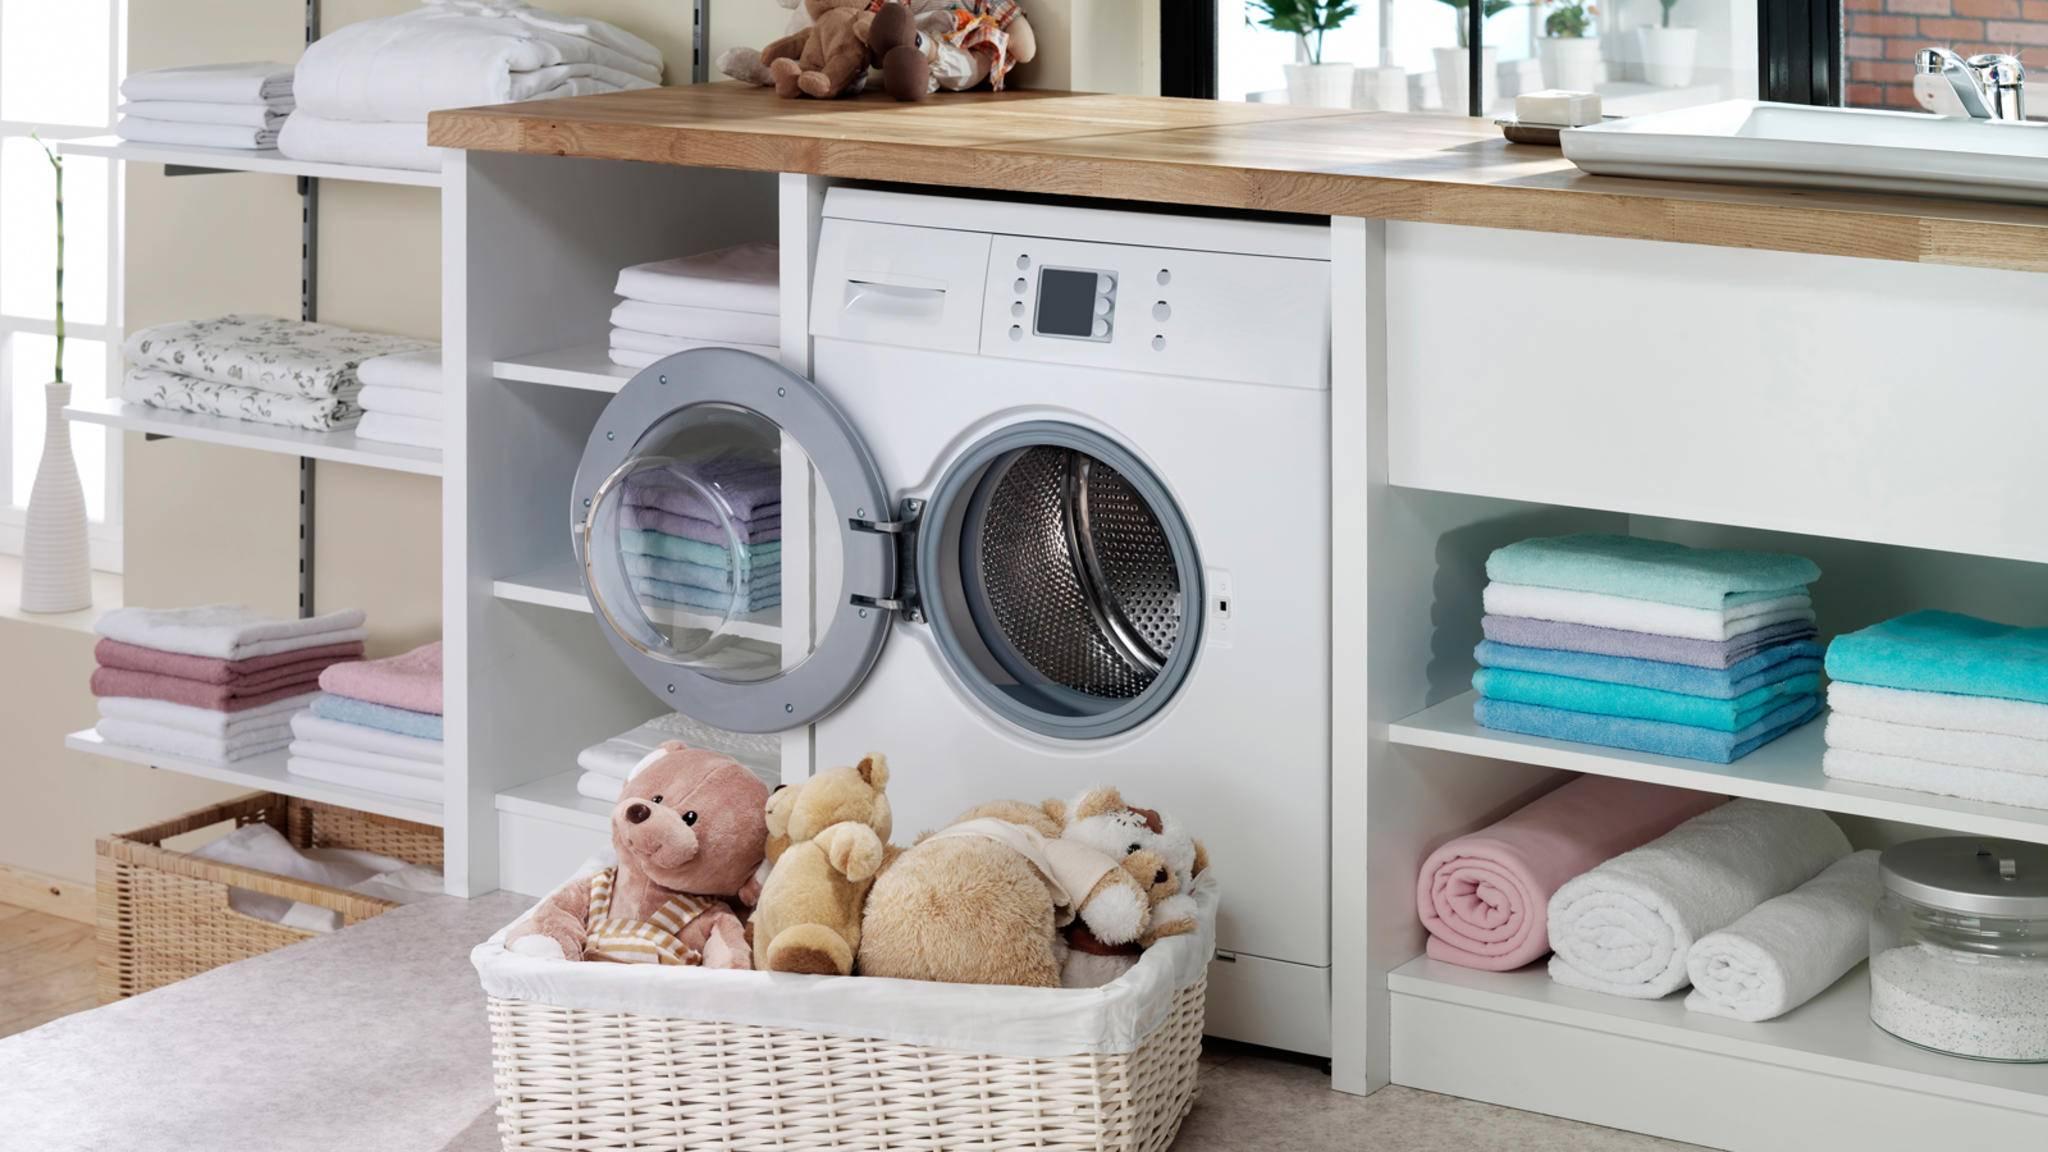 Damit die Waschmaschine lange ihren Dienst tut, solltest Du sie regelmäßig reinigen.